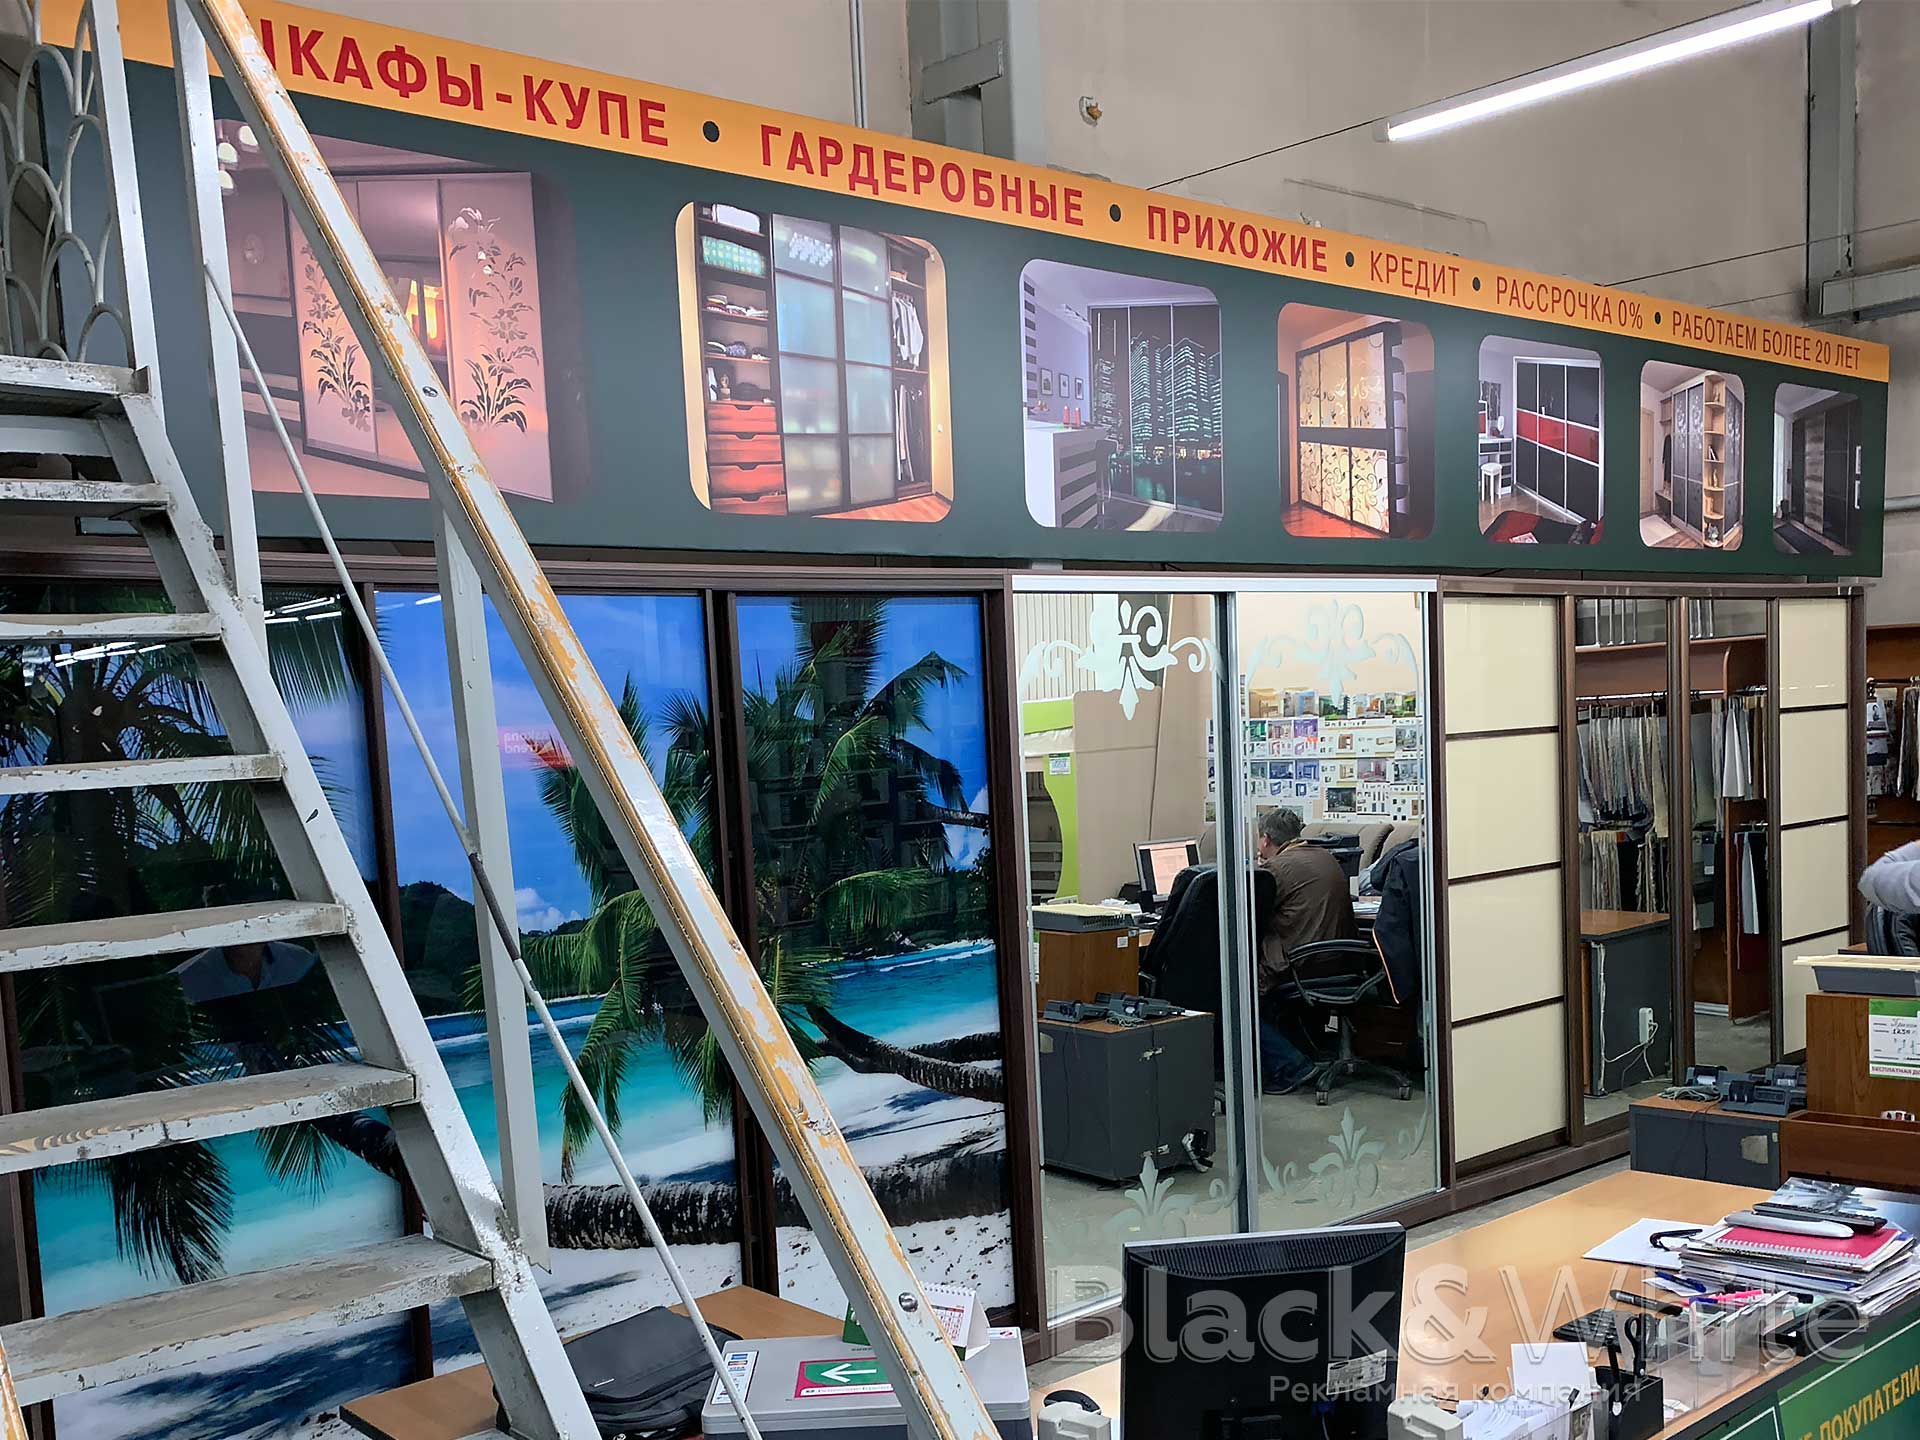 Баннерные-растяжки-в-помещении-баннер-на-стене-изготовление-в-Красноярске-1.jpg